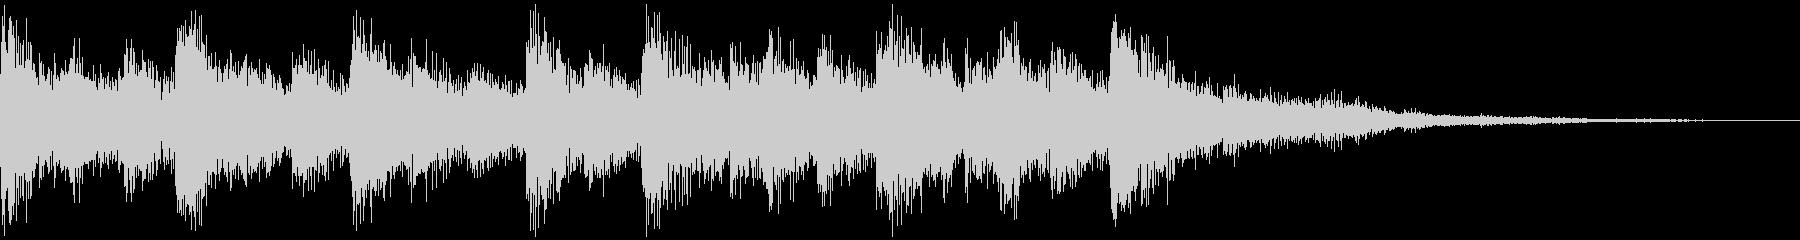 オーケストラのシリアスなジングルの未再生の波形